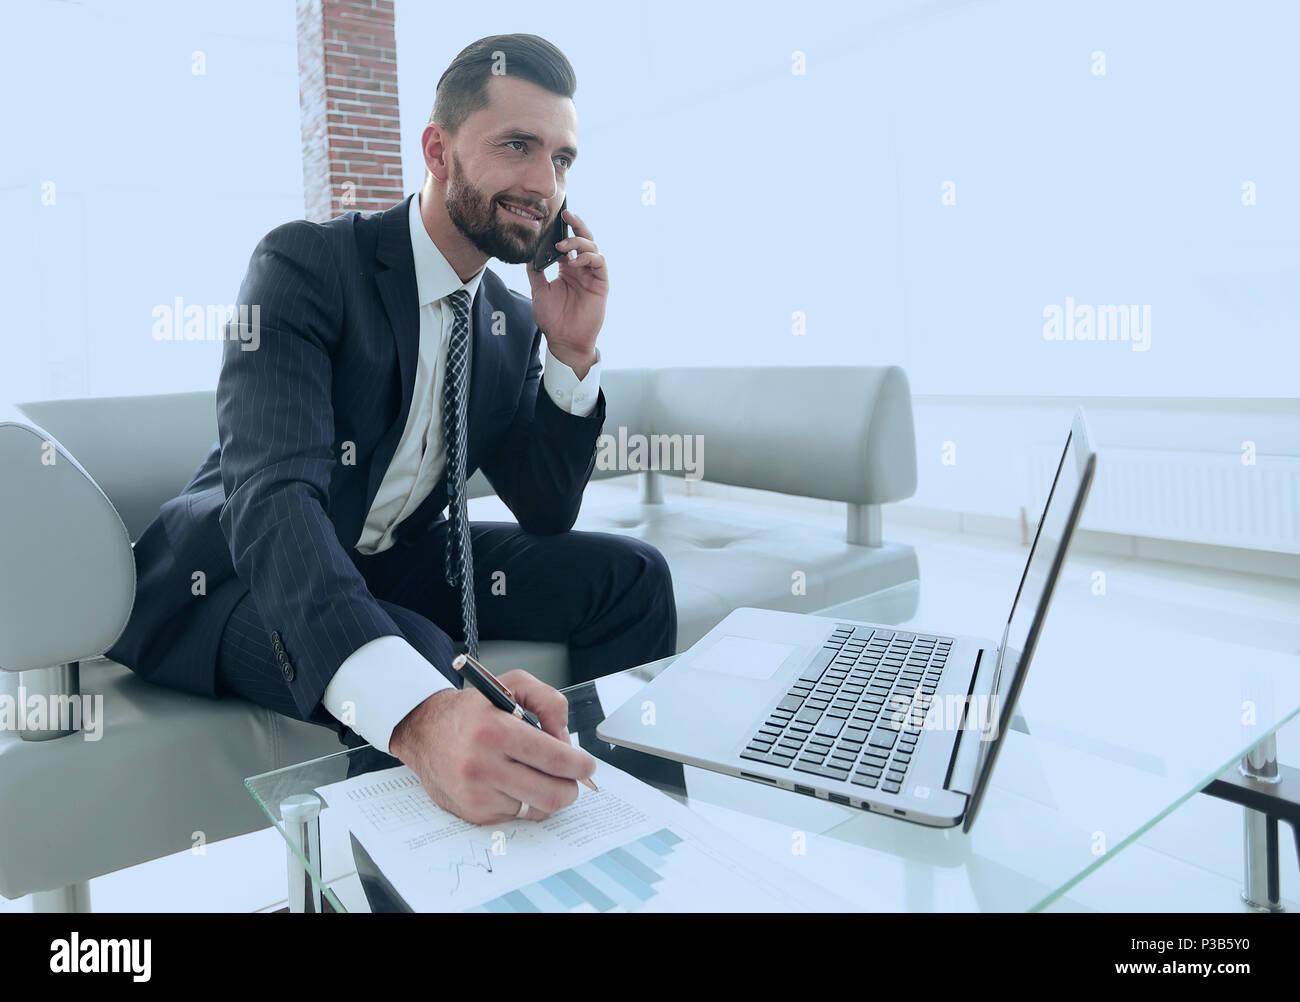 Businessman talking on smartphone à propos de documents financiers Photo Stock